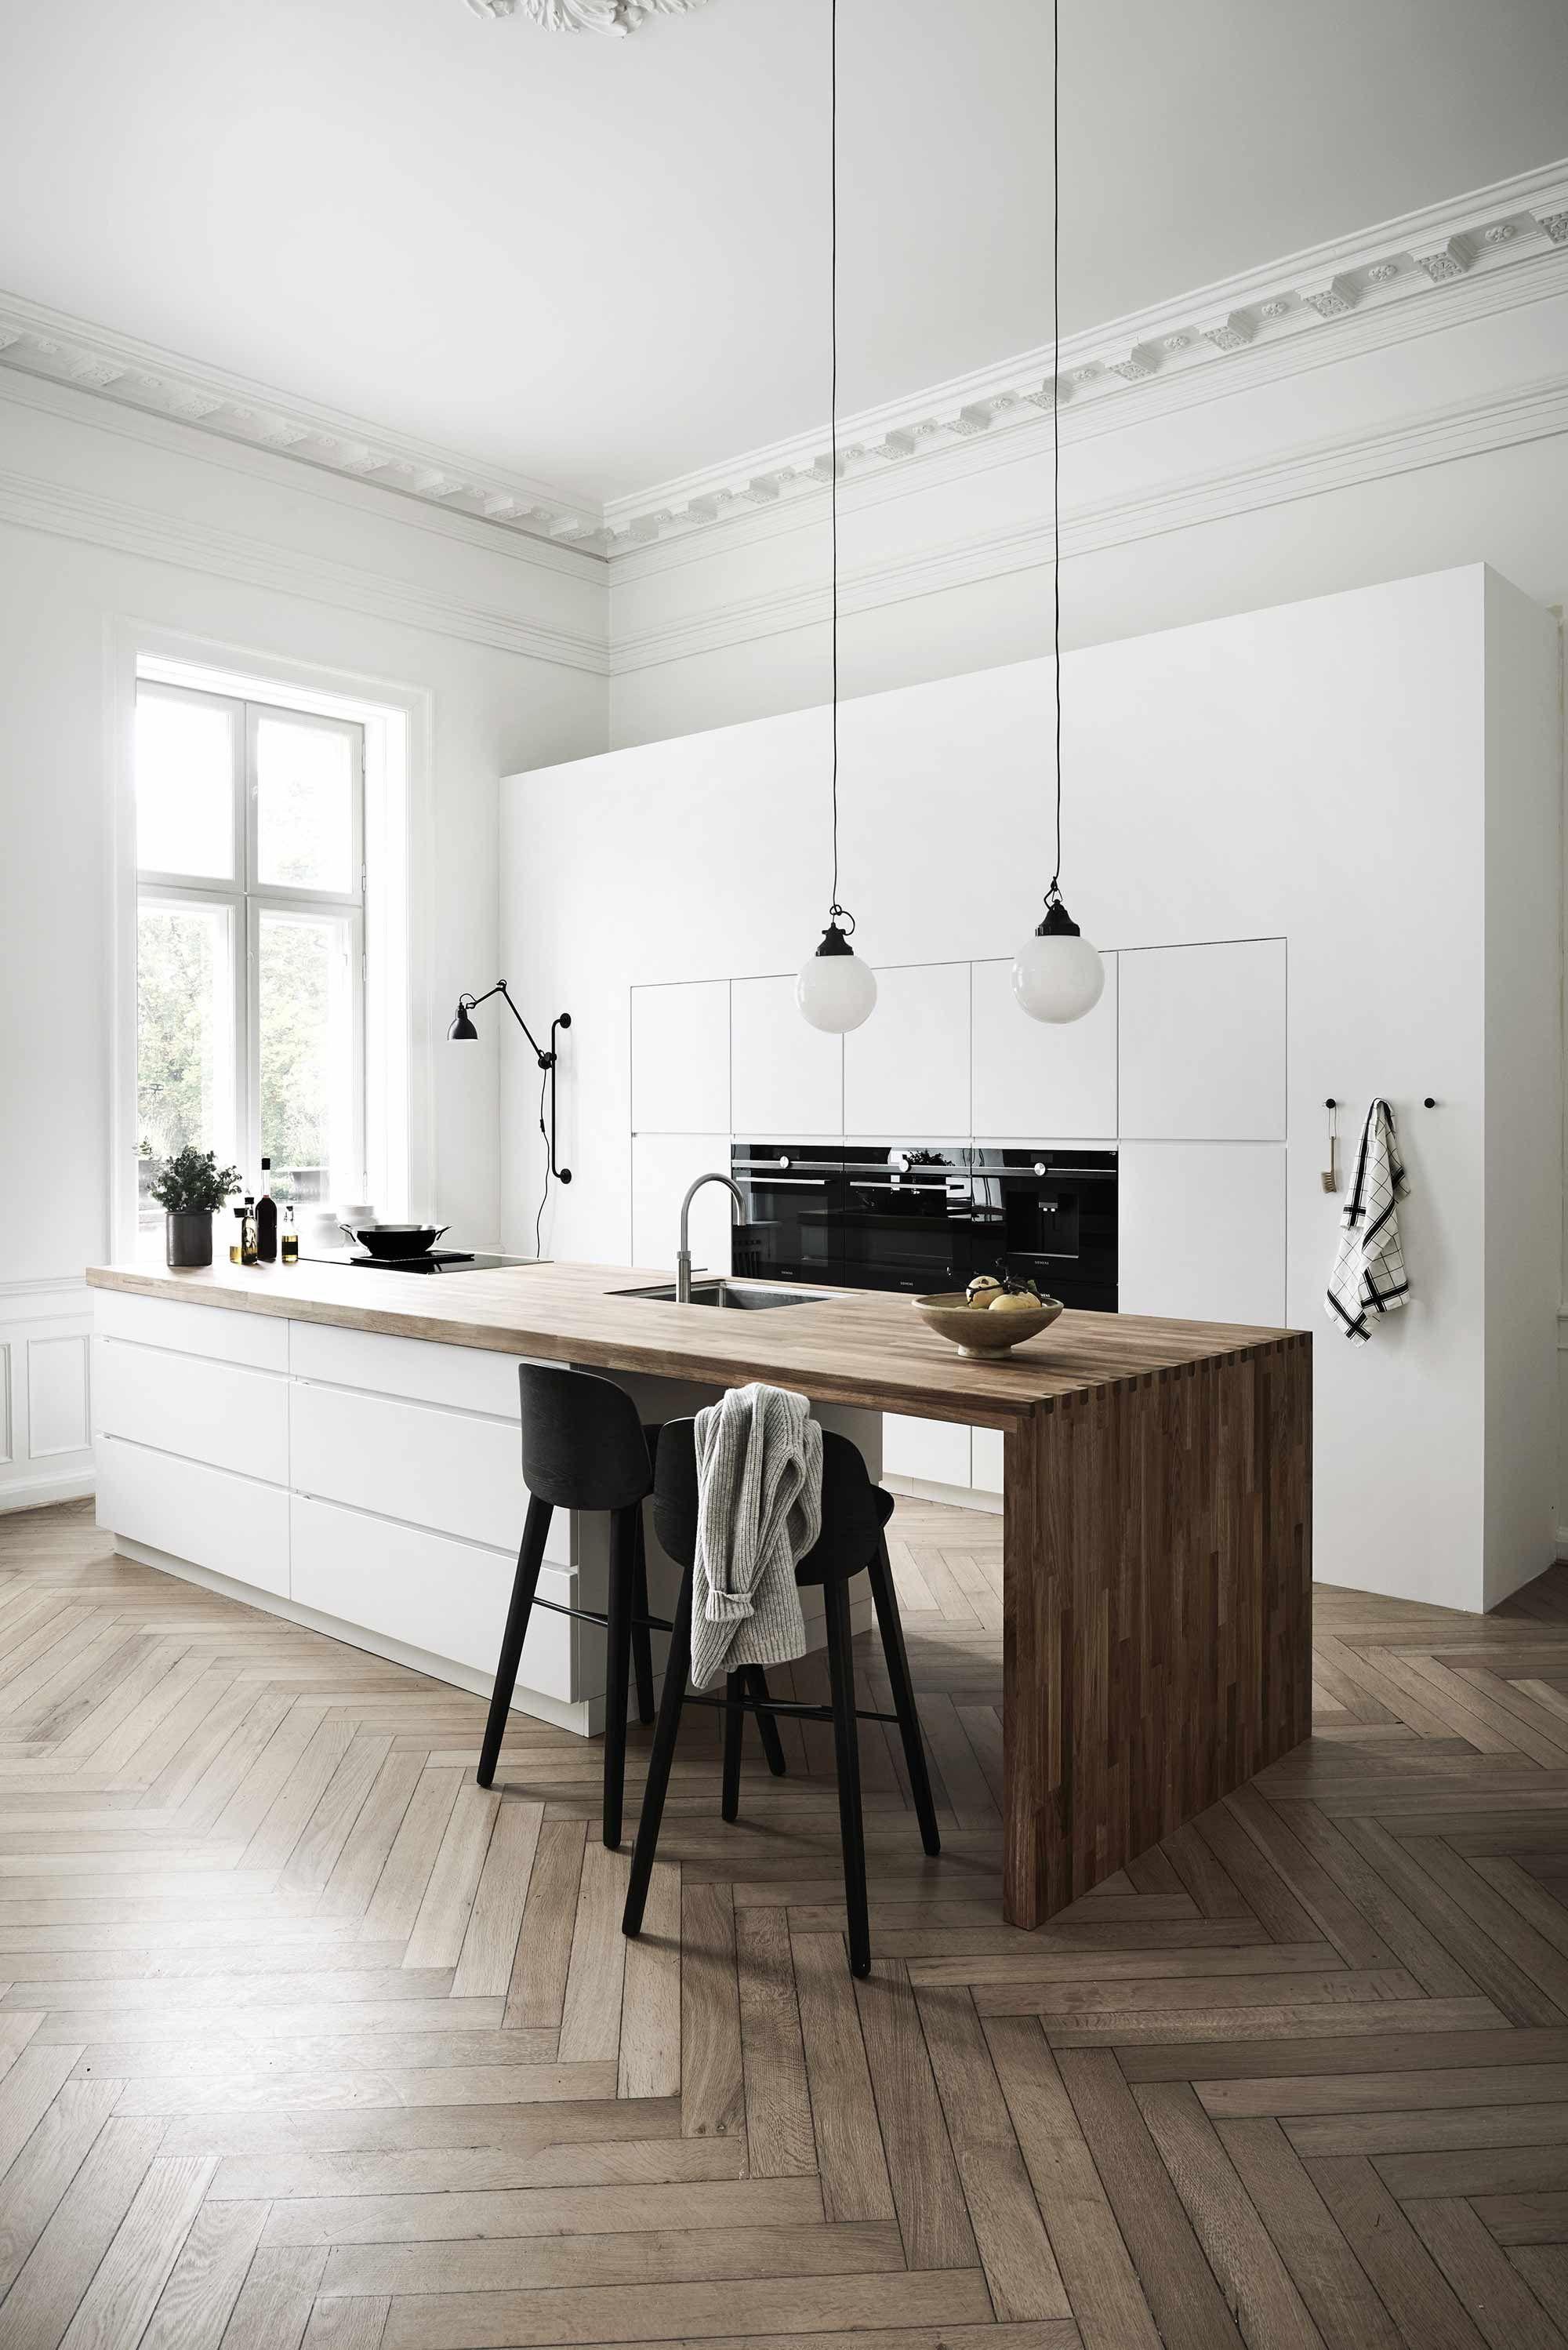 De ideale keuken volgens designer Jens Erik Nielsen   vtwonen